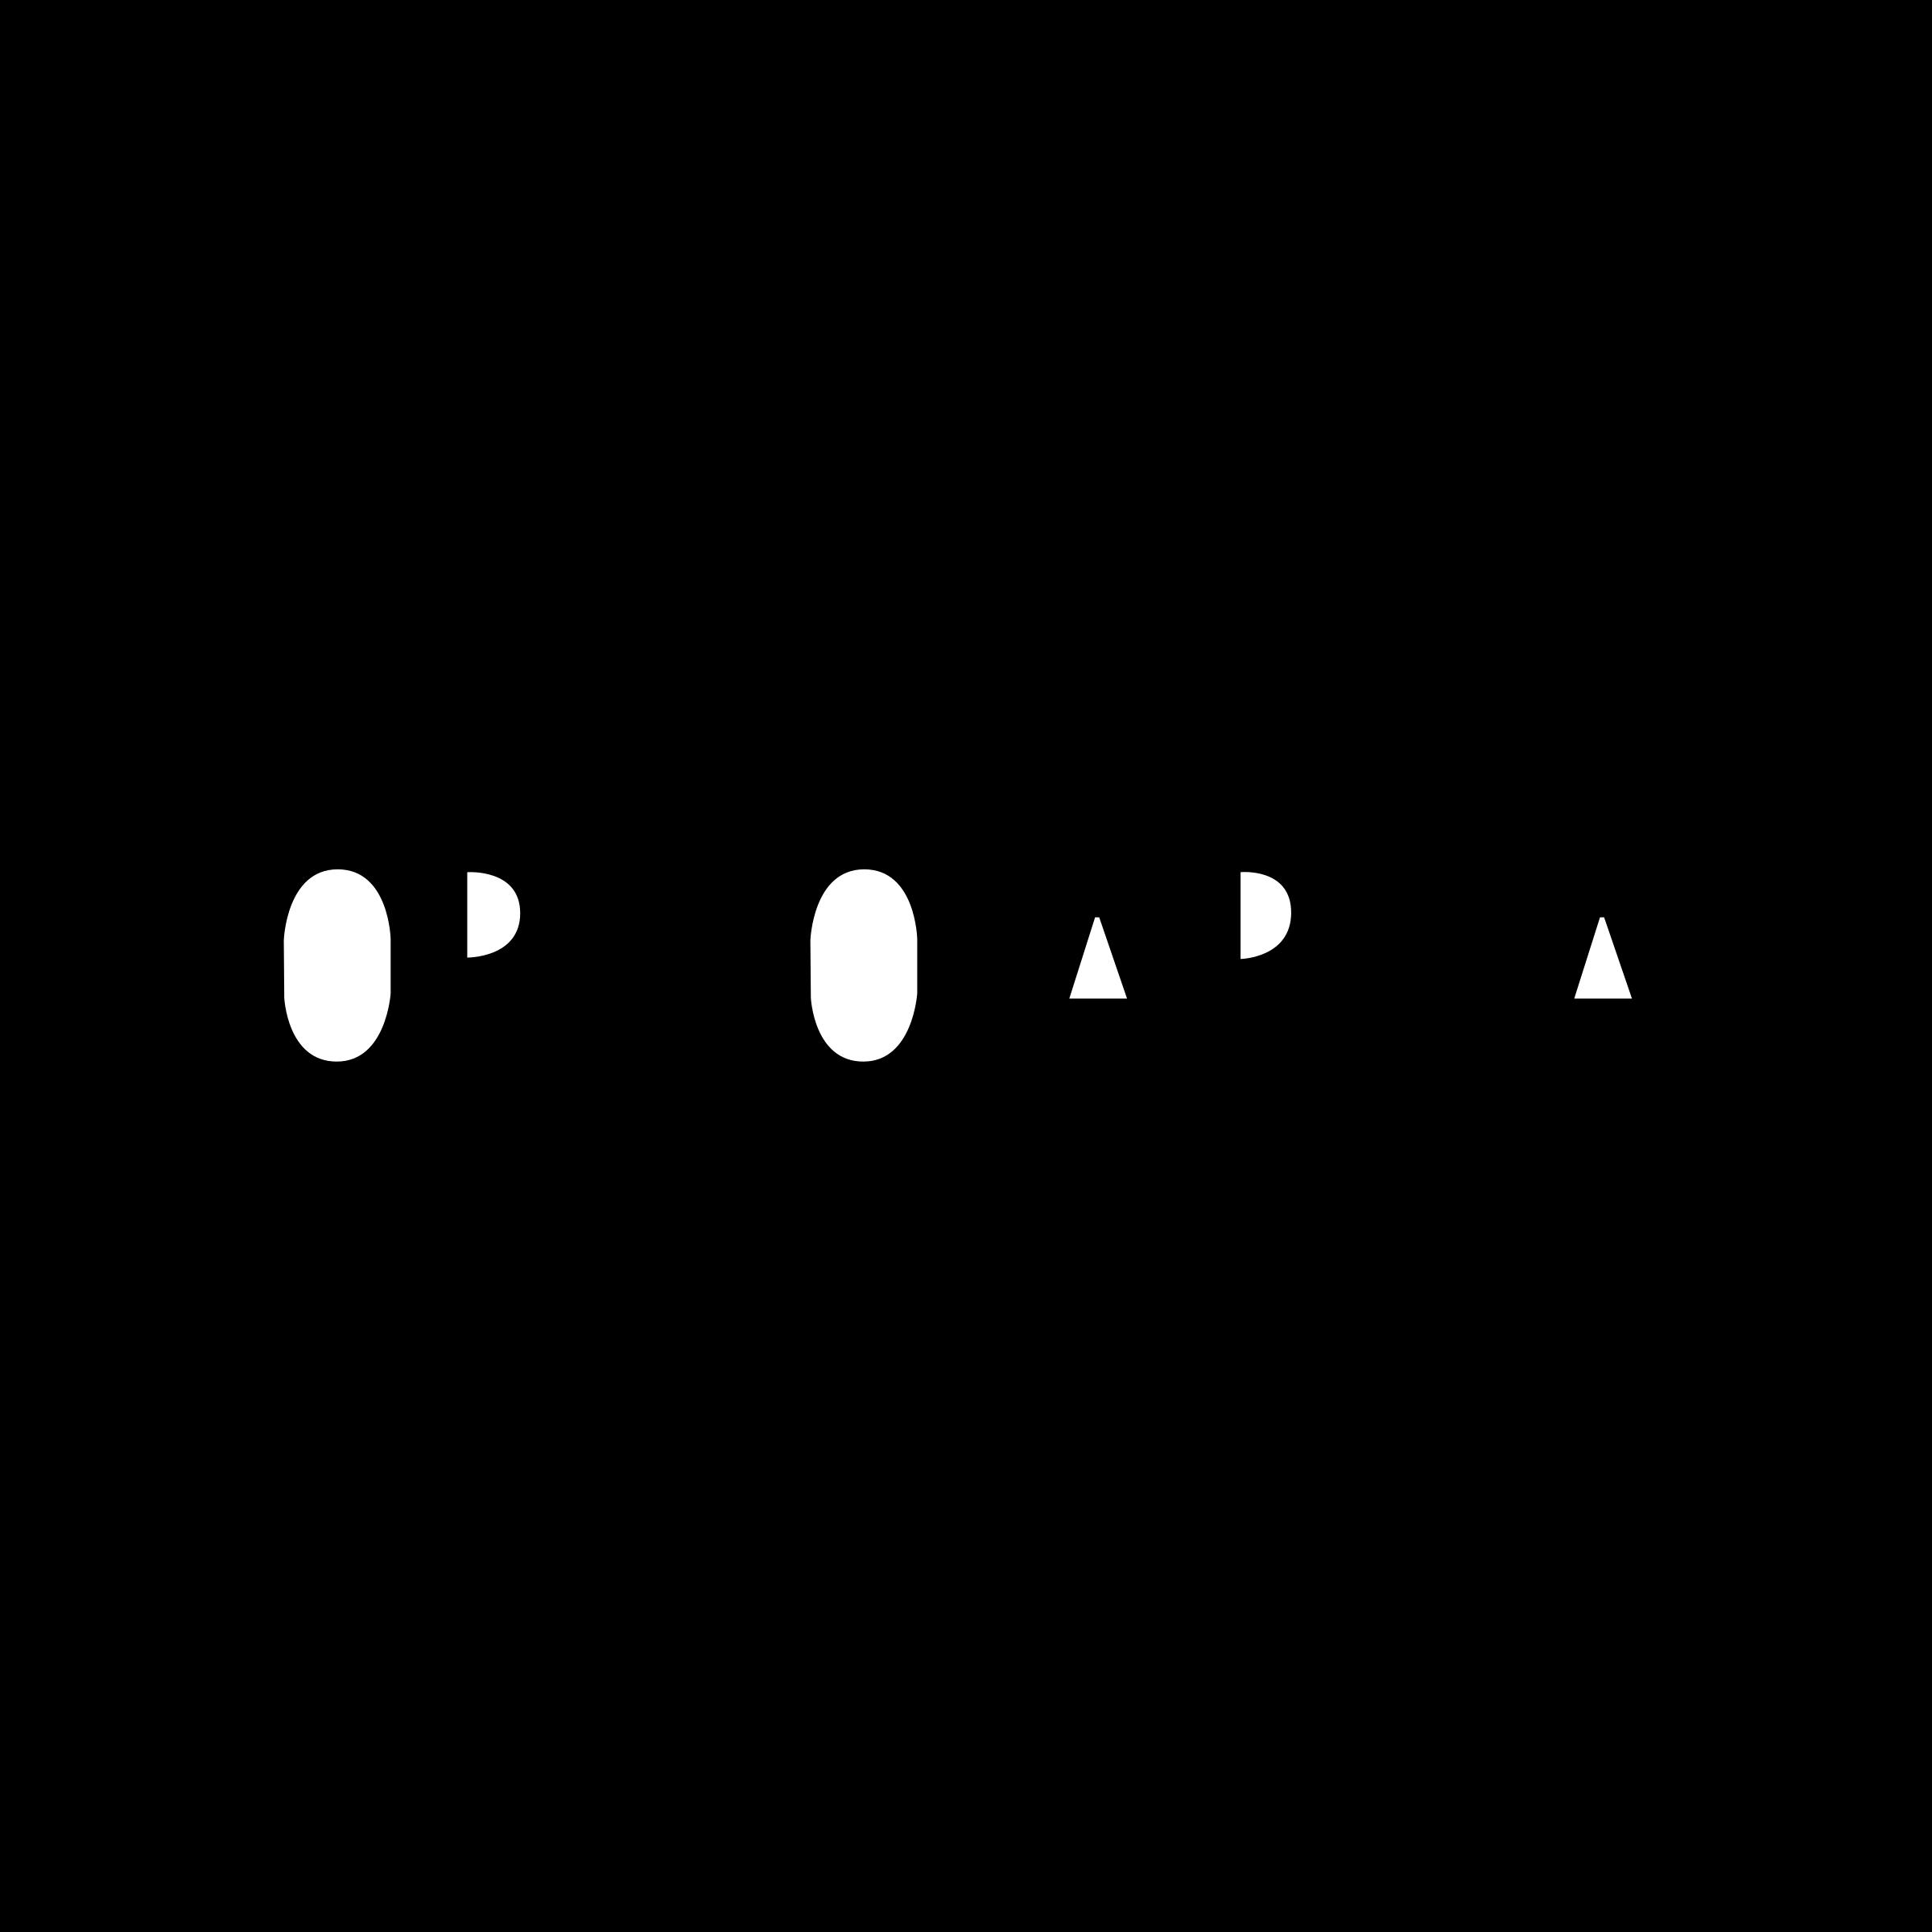 giorgio-armani-1-logo-png-transparent.png